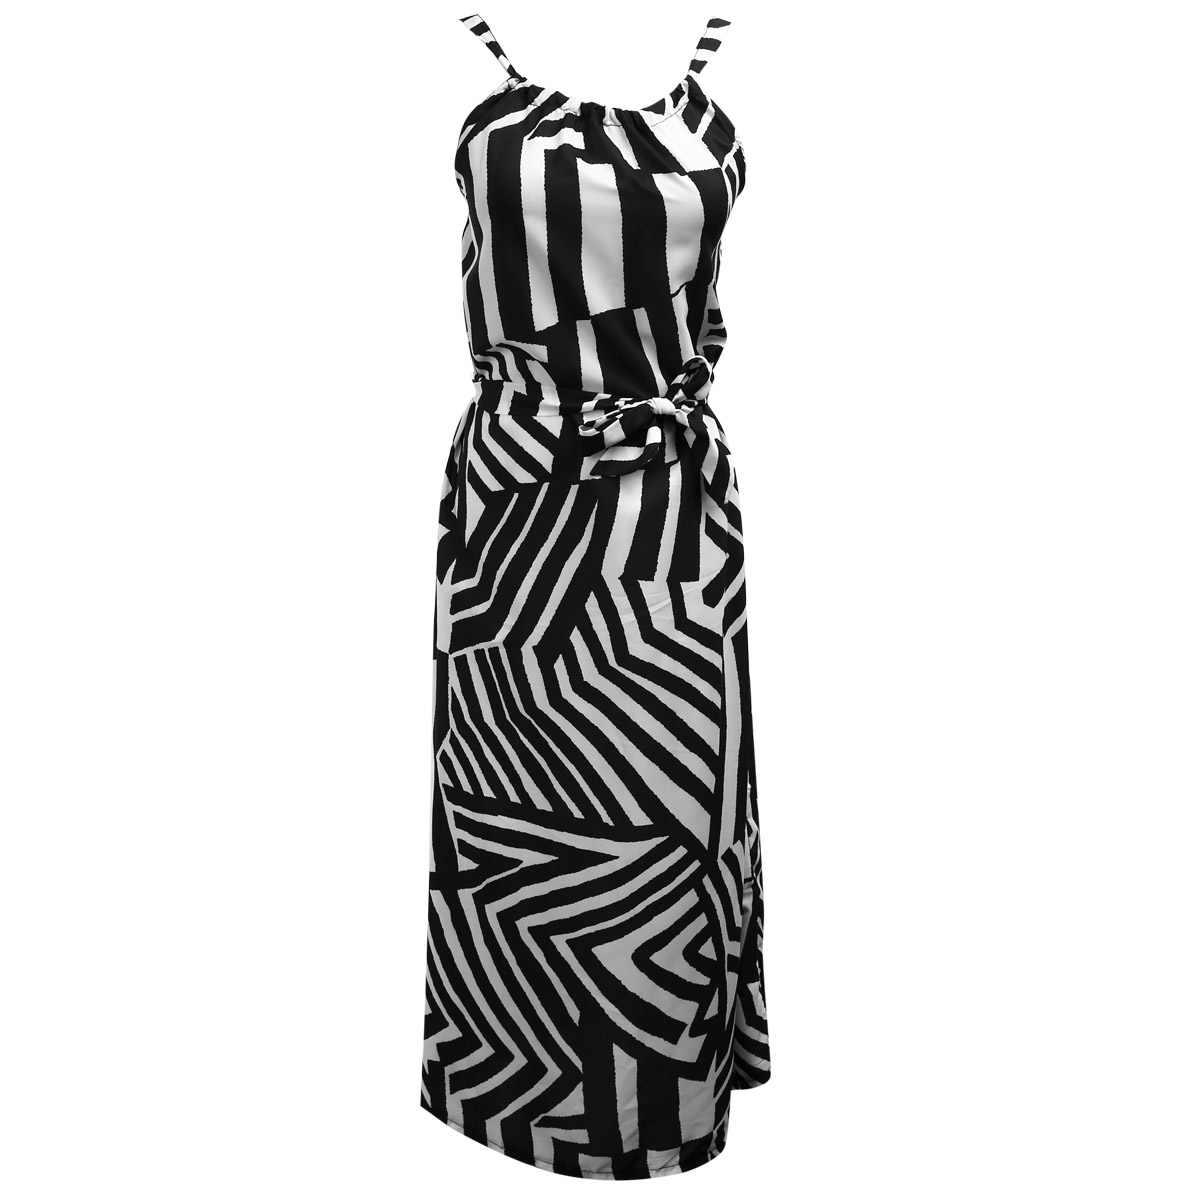 Kadınlar Seksi yaz elbisesi Kolsuz Maxi Uzun Akşam Parti Plaj Elbise Sundress Boyutu S-XL